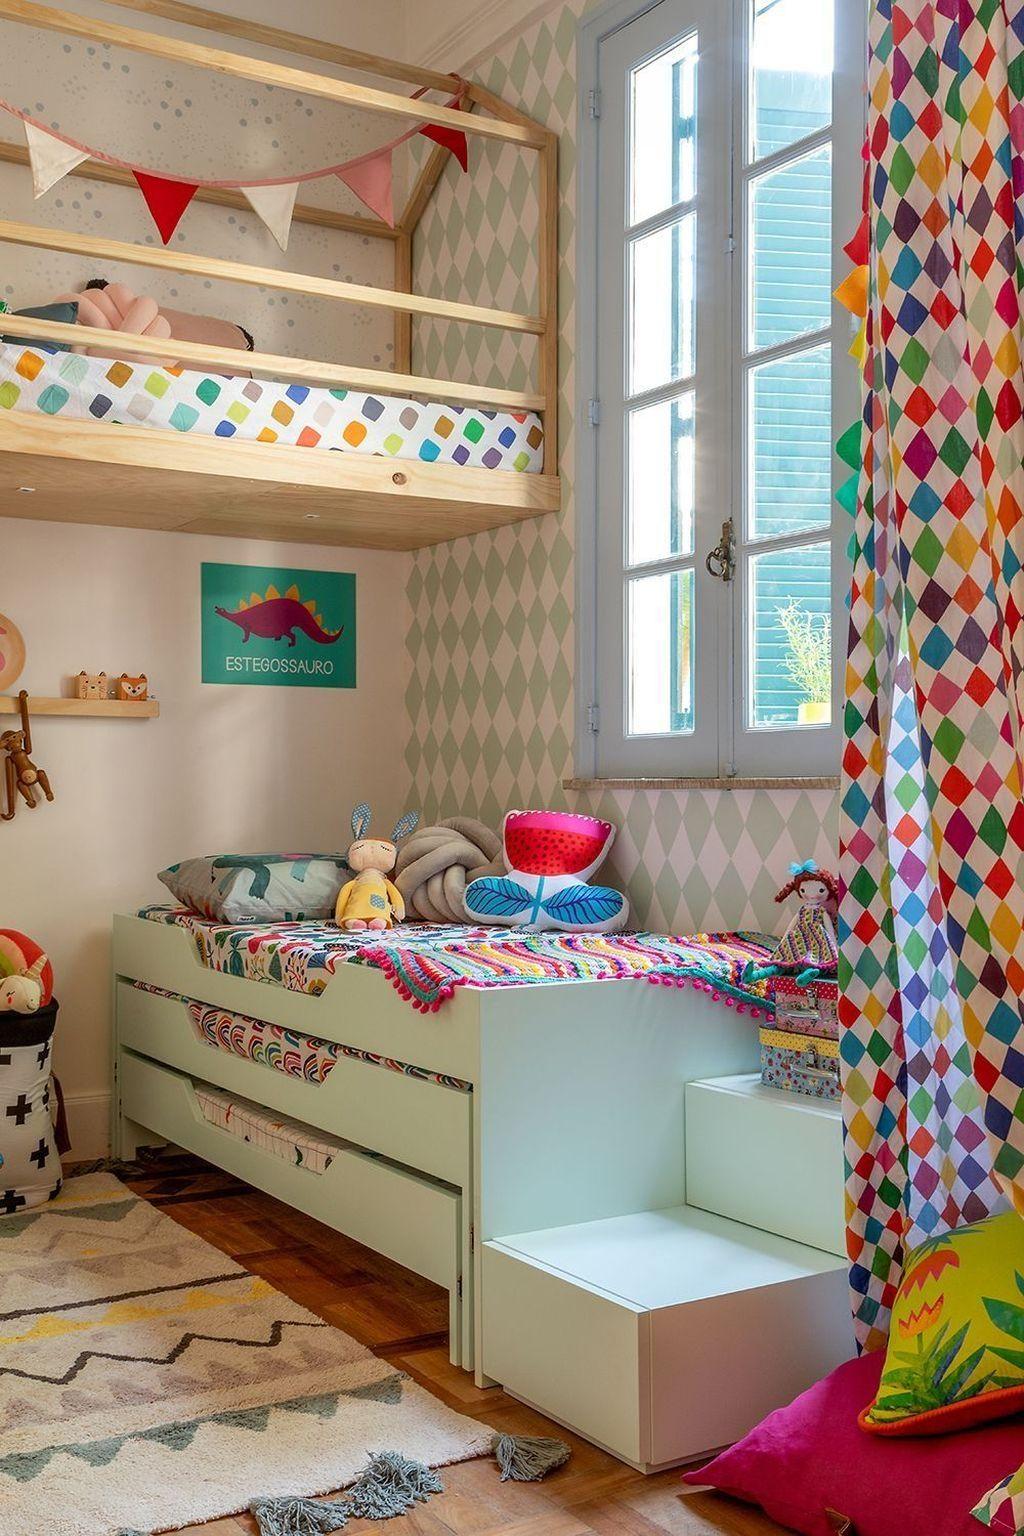 20+ Magnificient Kids Room Design Ideas images